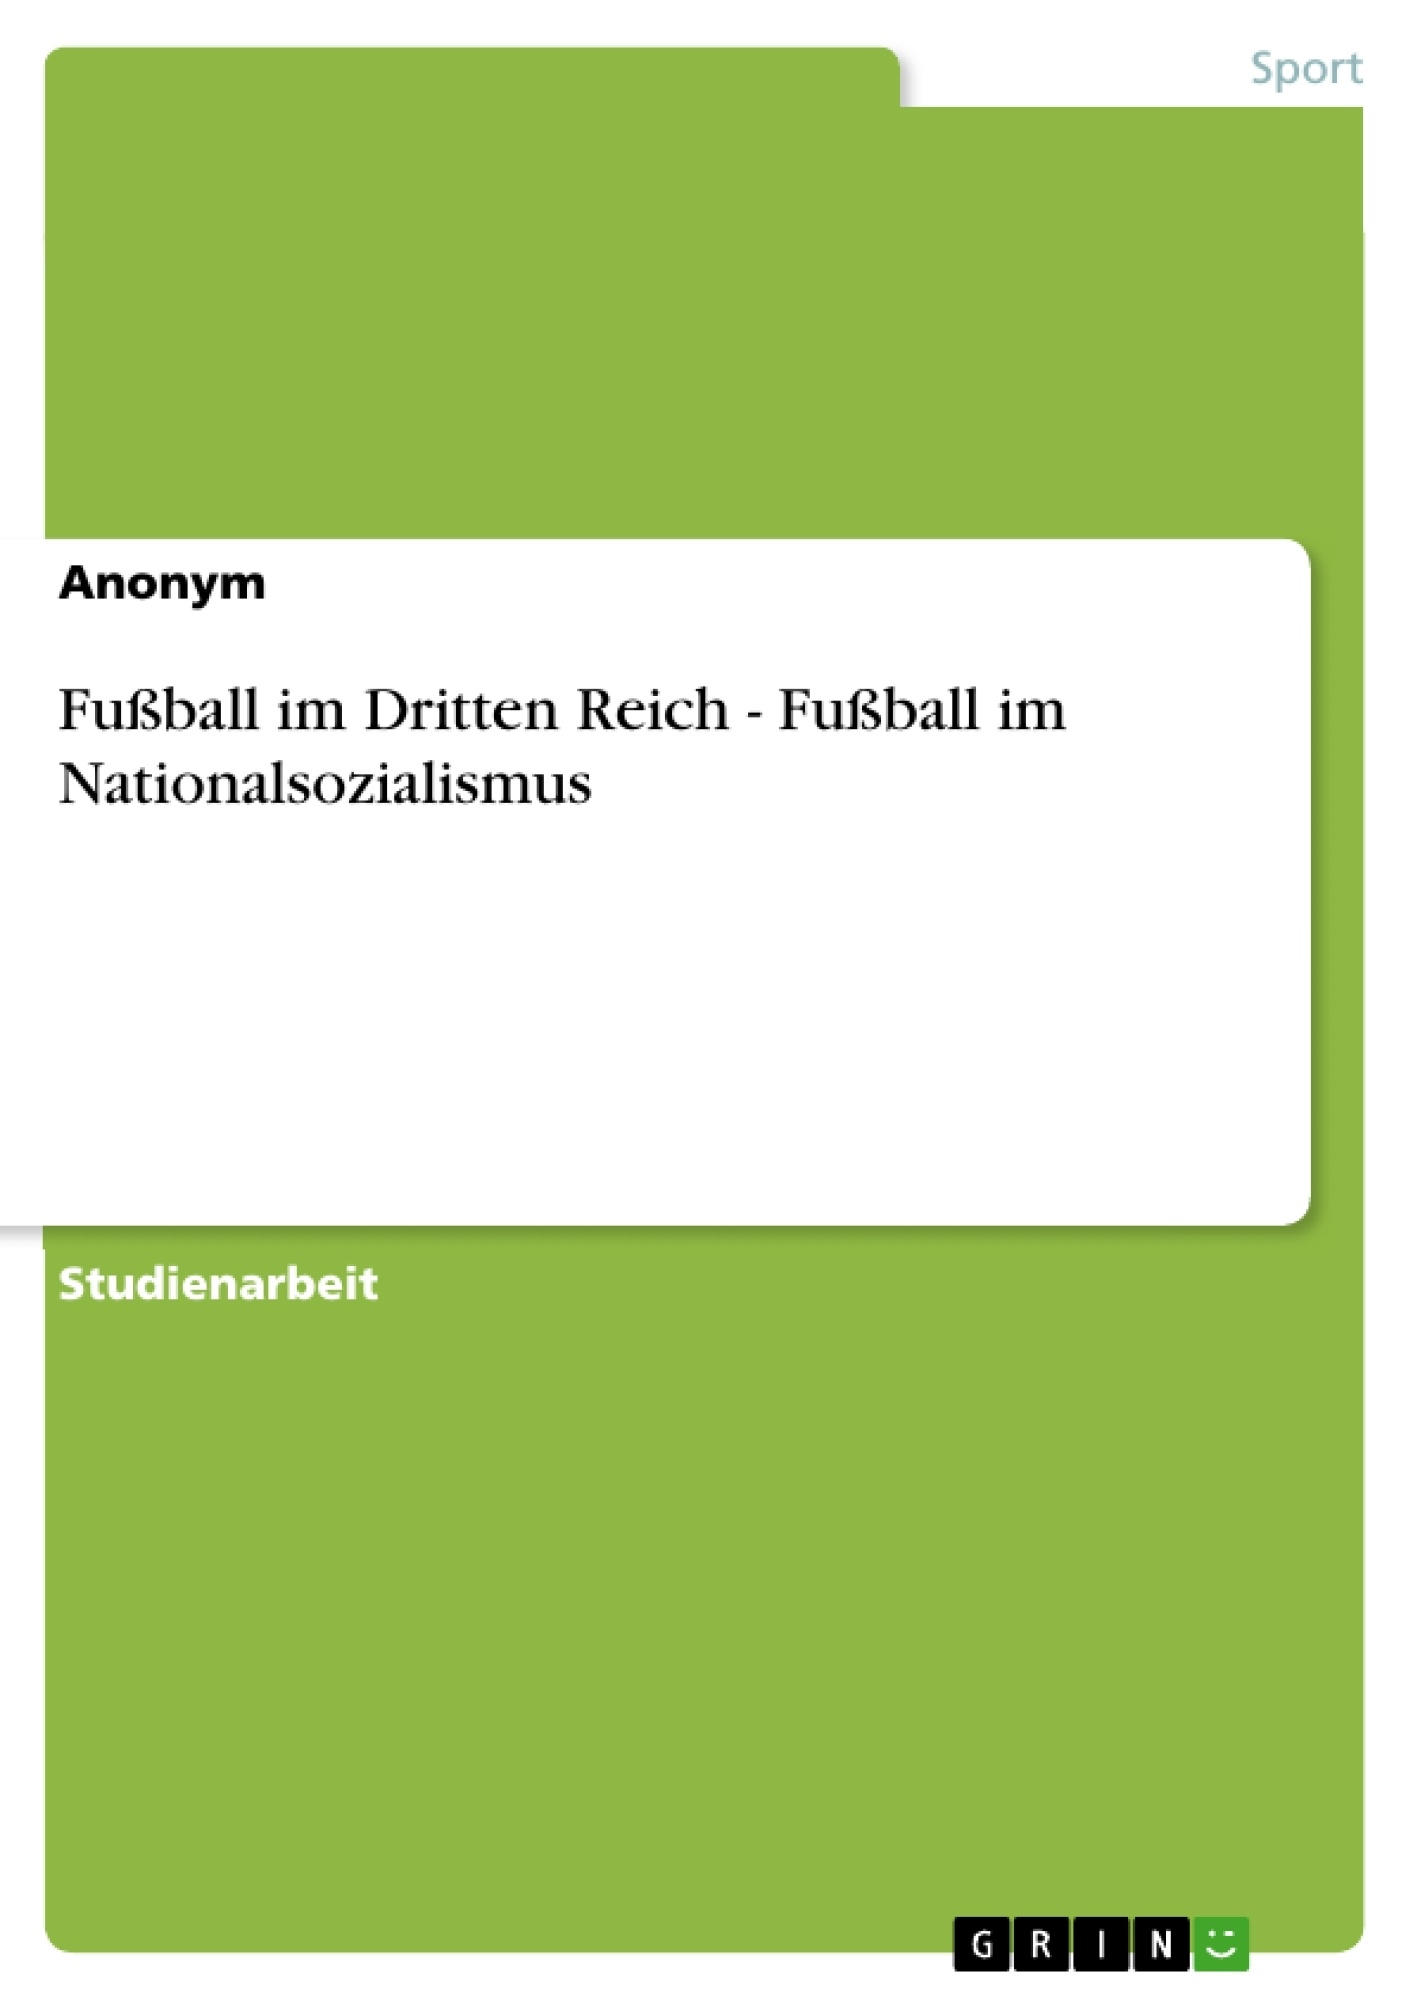 Titel: Fußball im Dritten Reich - Fußball im Nationalsozialismus